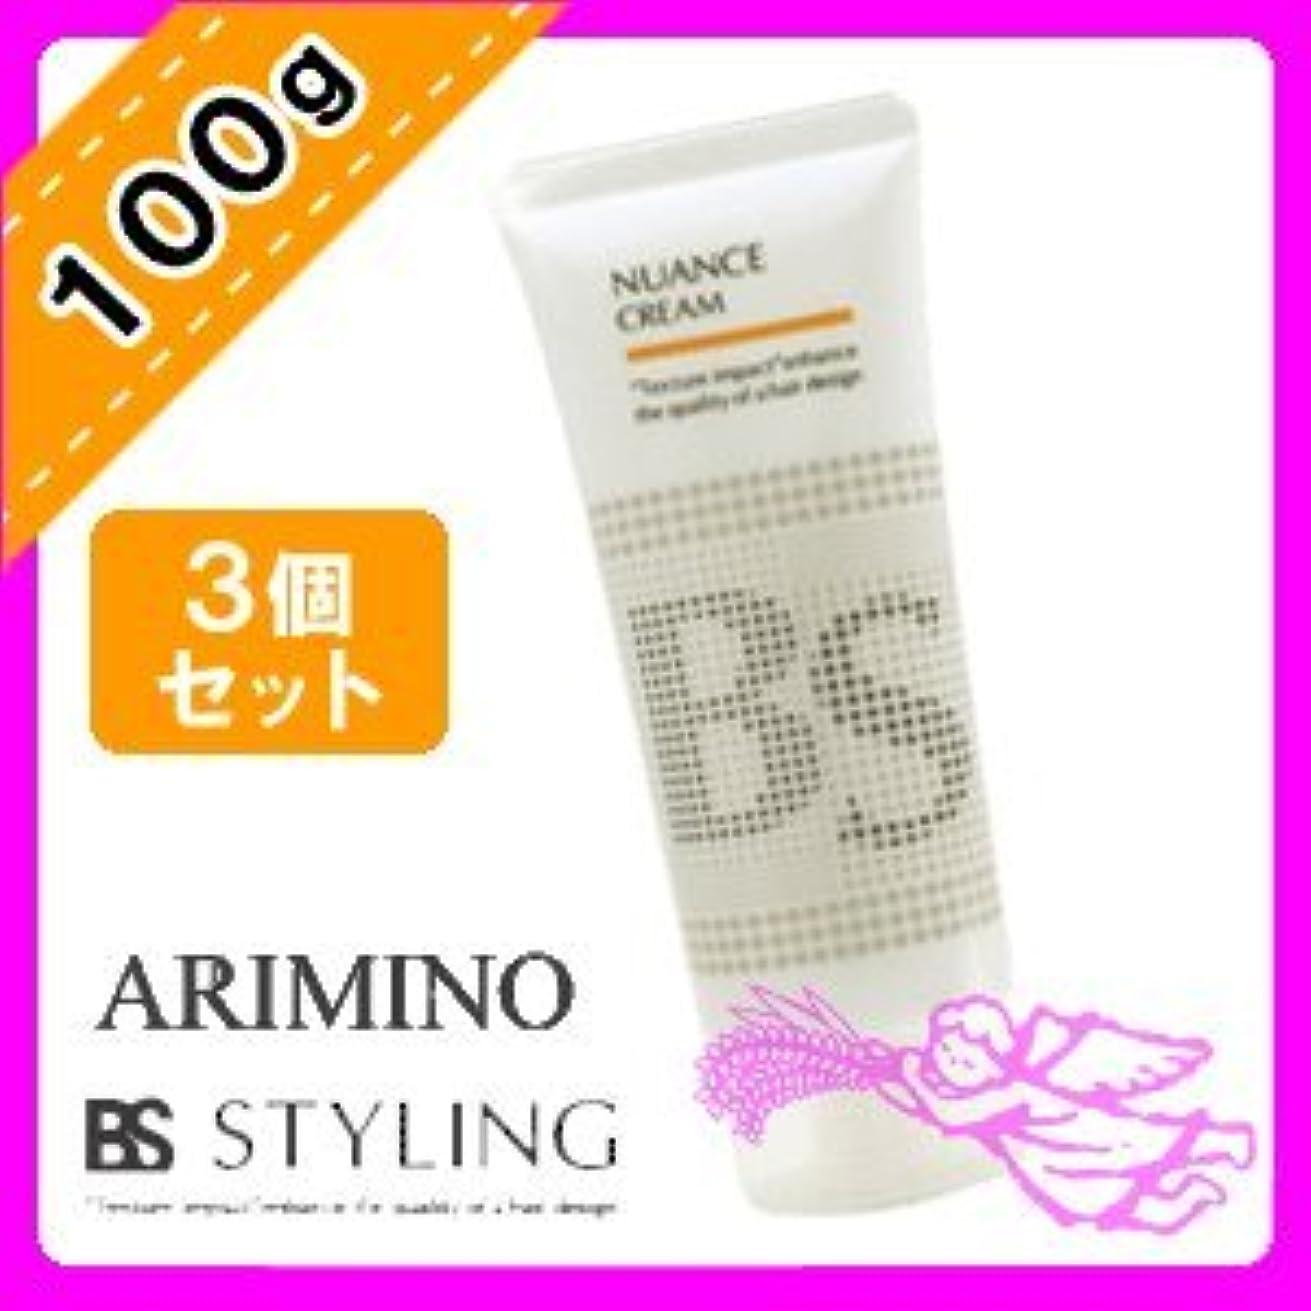 著名な葉を集める汗アリミノ BSスタイリング ニュアンス クリーム 100g x 3個 セット arimino BS STYLING